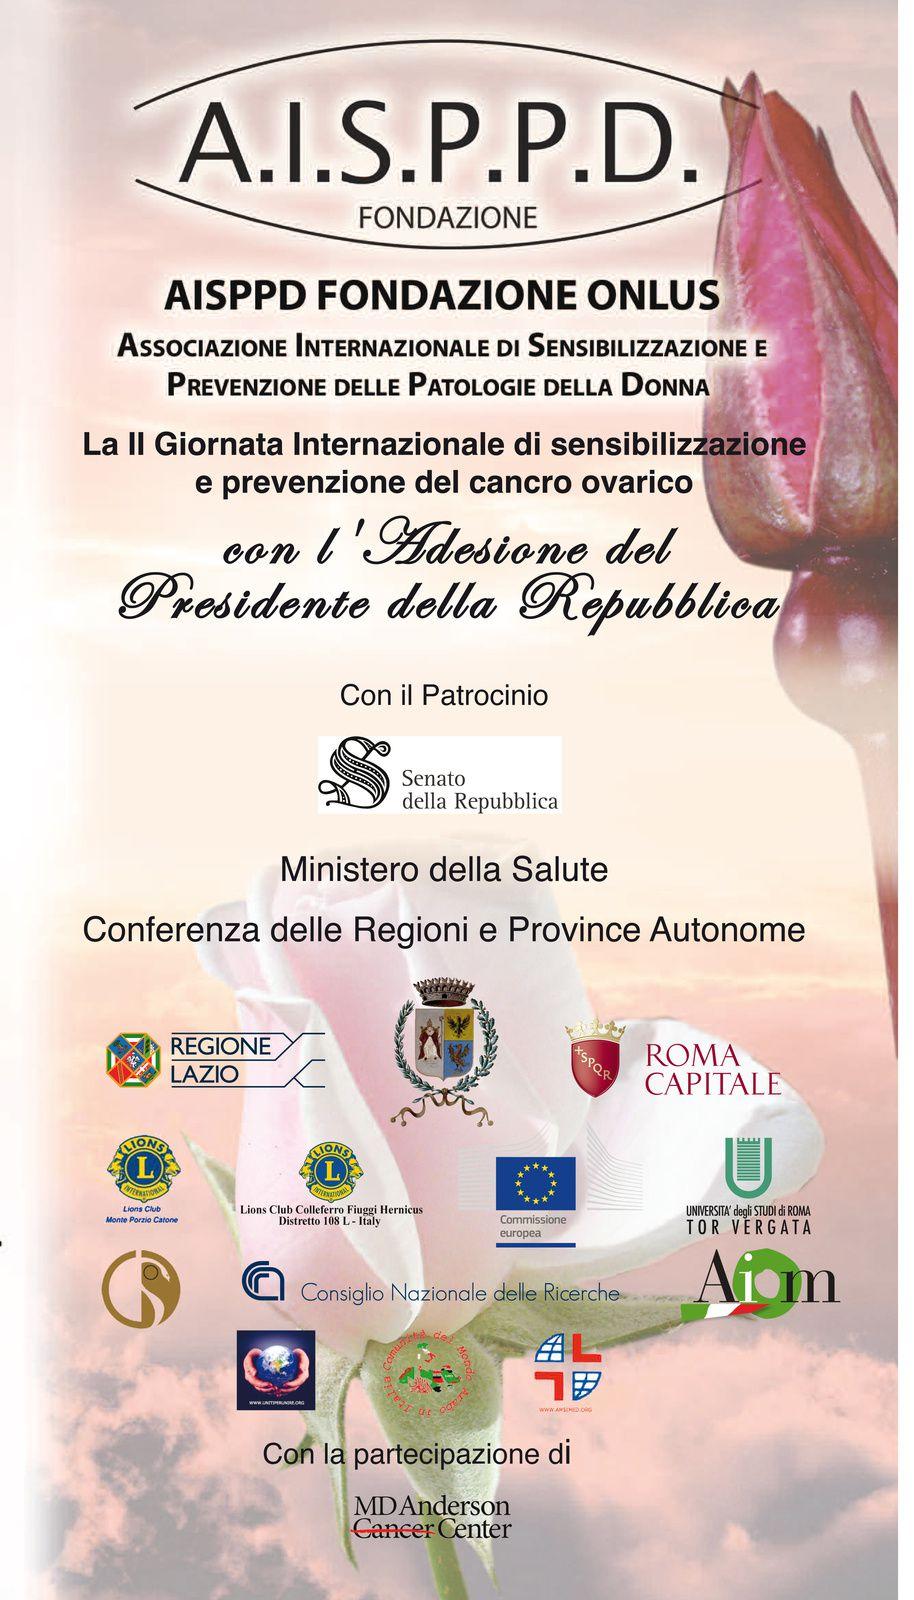 PRESIDENZA DELLA REPUBBLICA ITALIANA AL CONVEGNO AISPPD